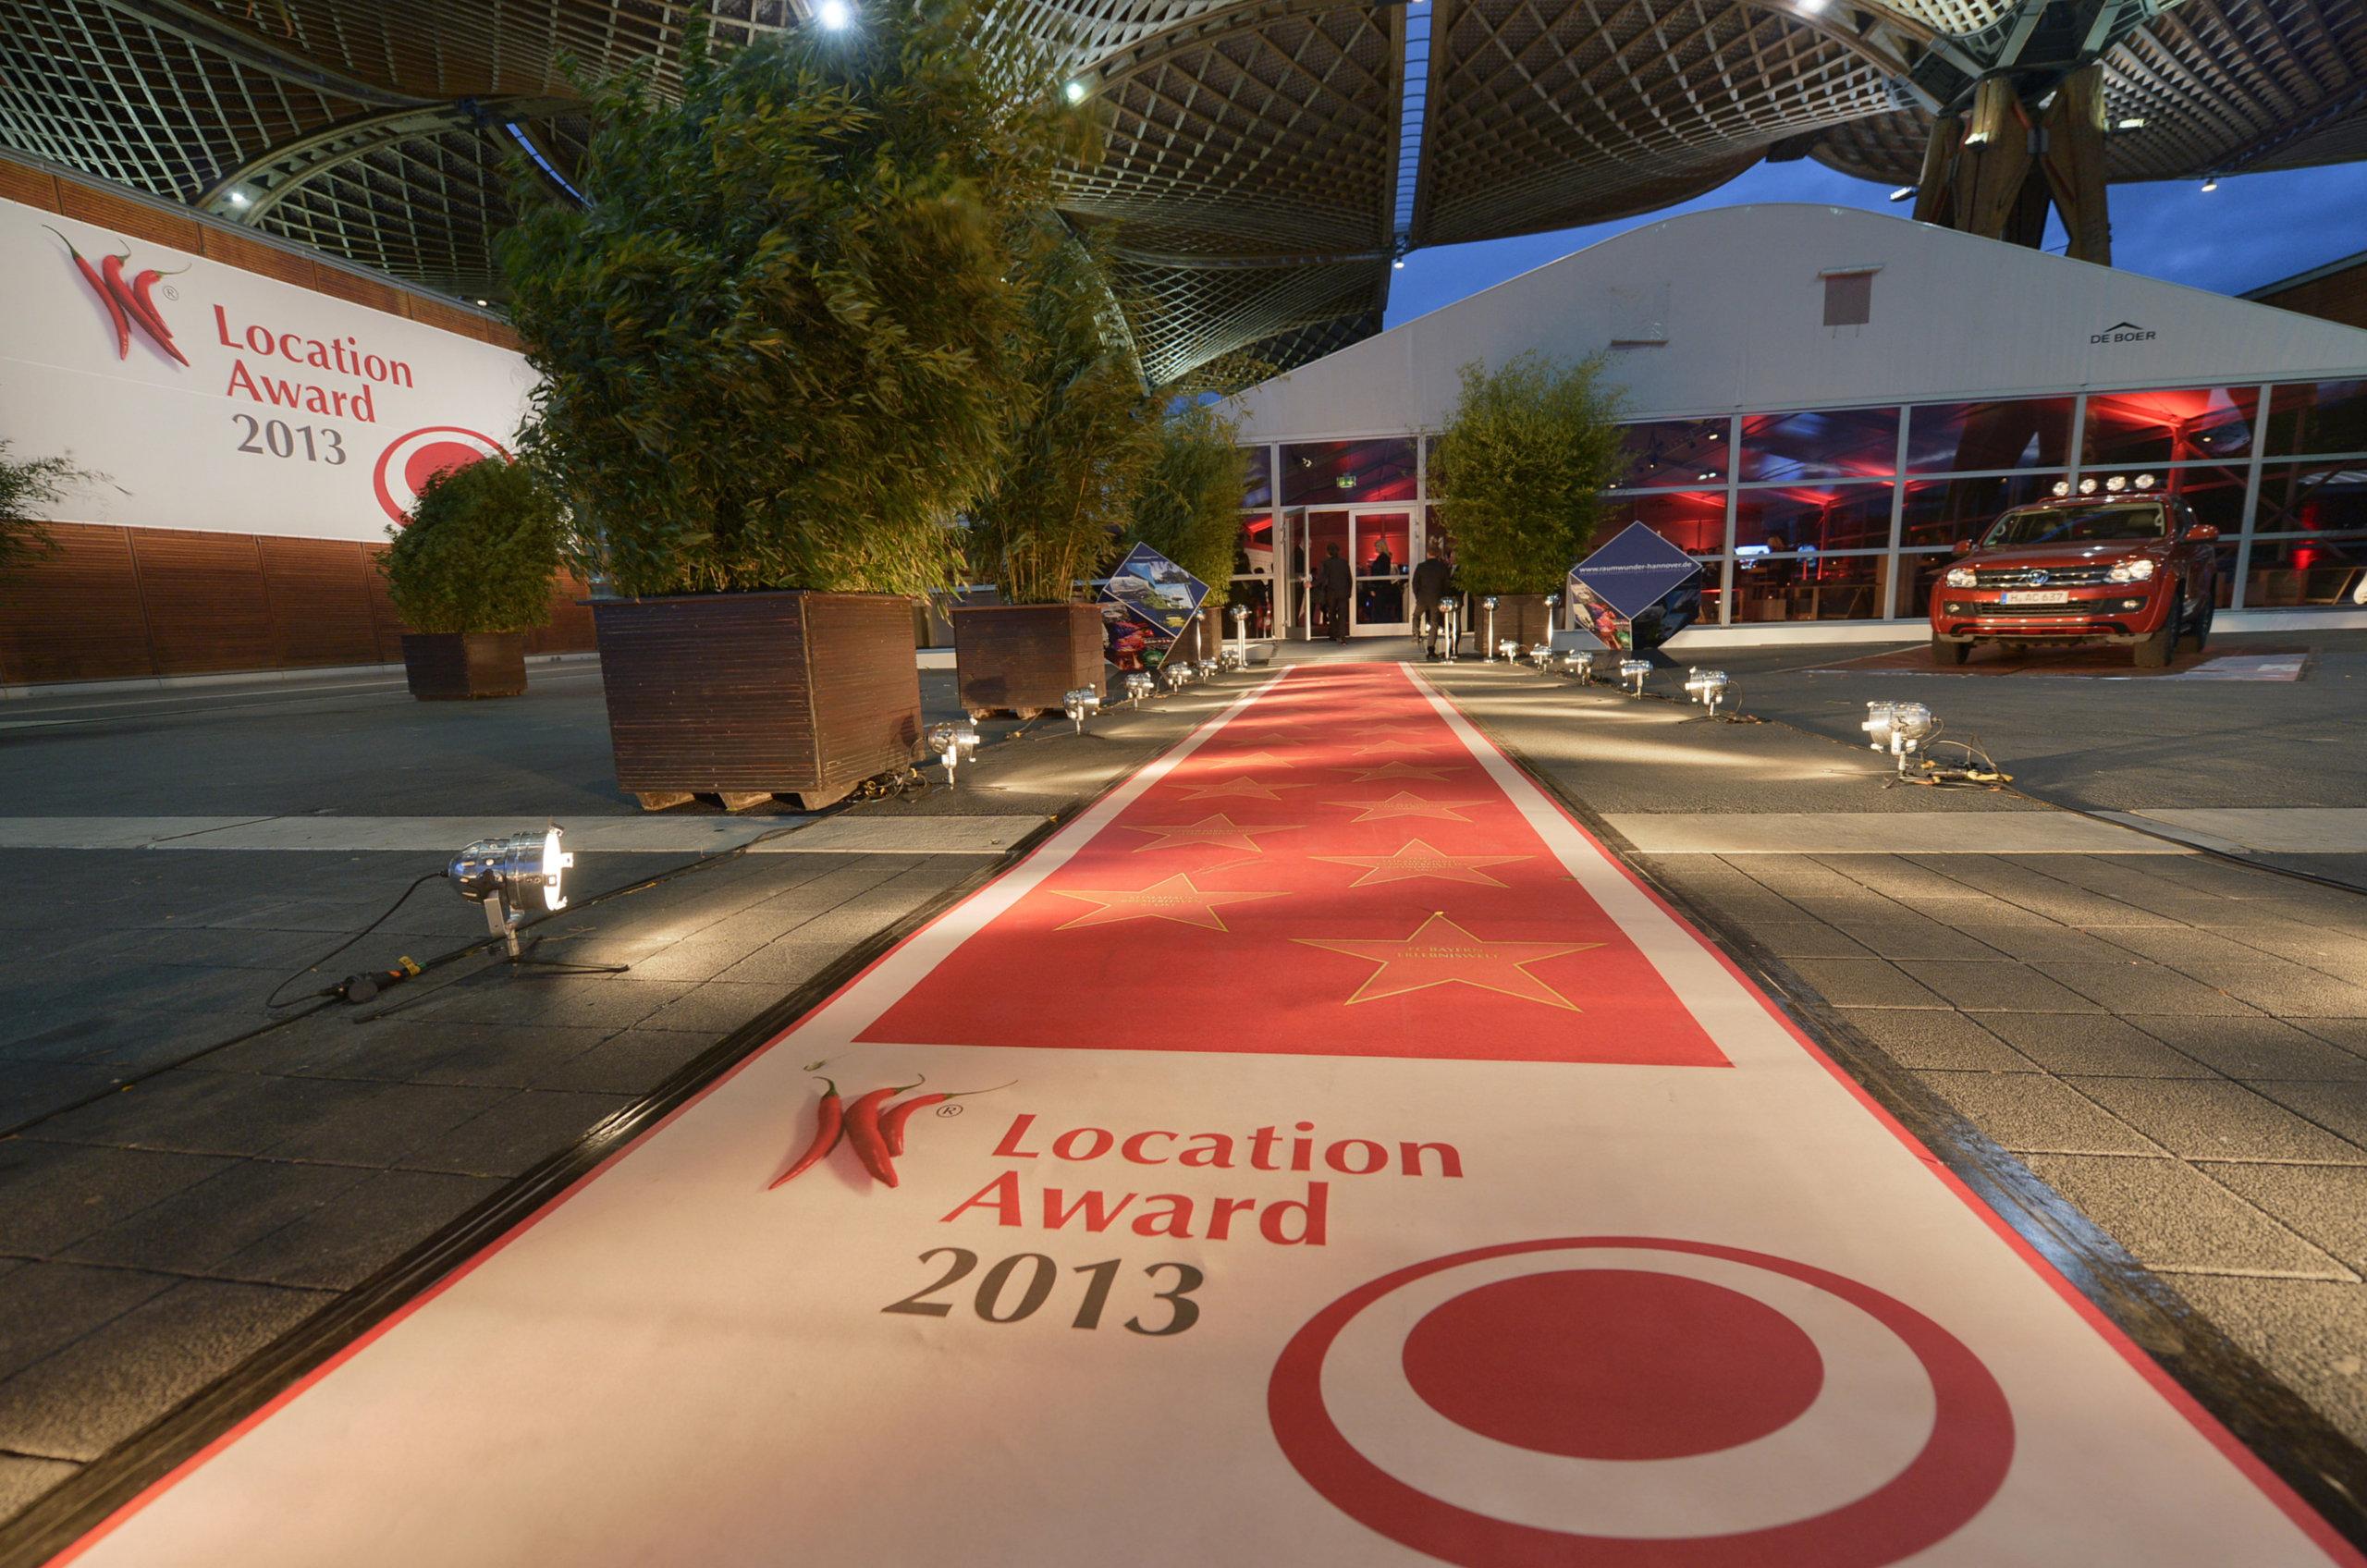 Roter Teppich für Events